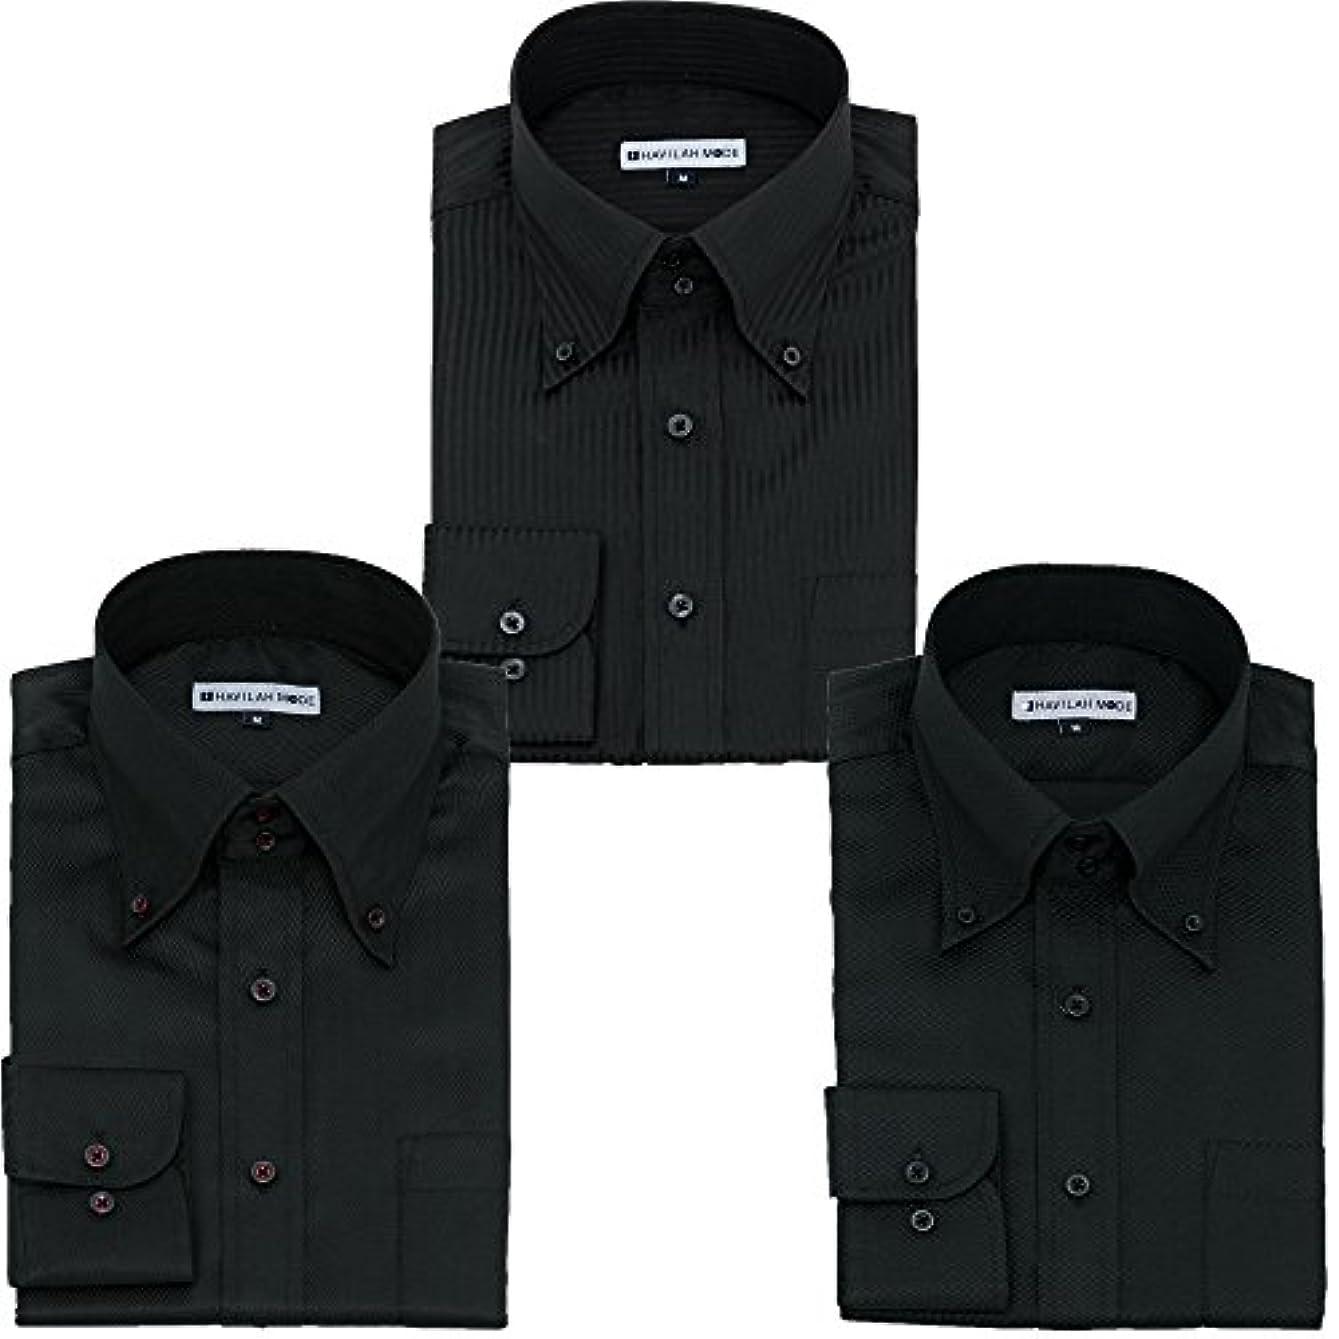 即席うねる我慢する(ハビラモード)HAVILAH MODE 黒シャツ3枚セット 長袖黒ワイシャツ NB03 NB04 NB05